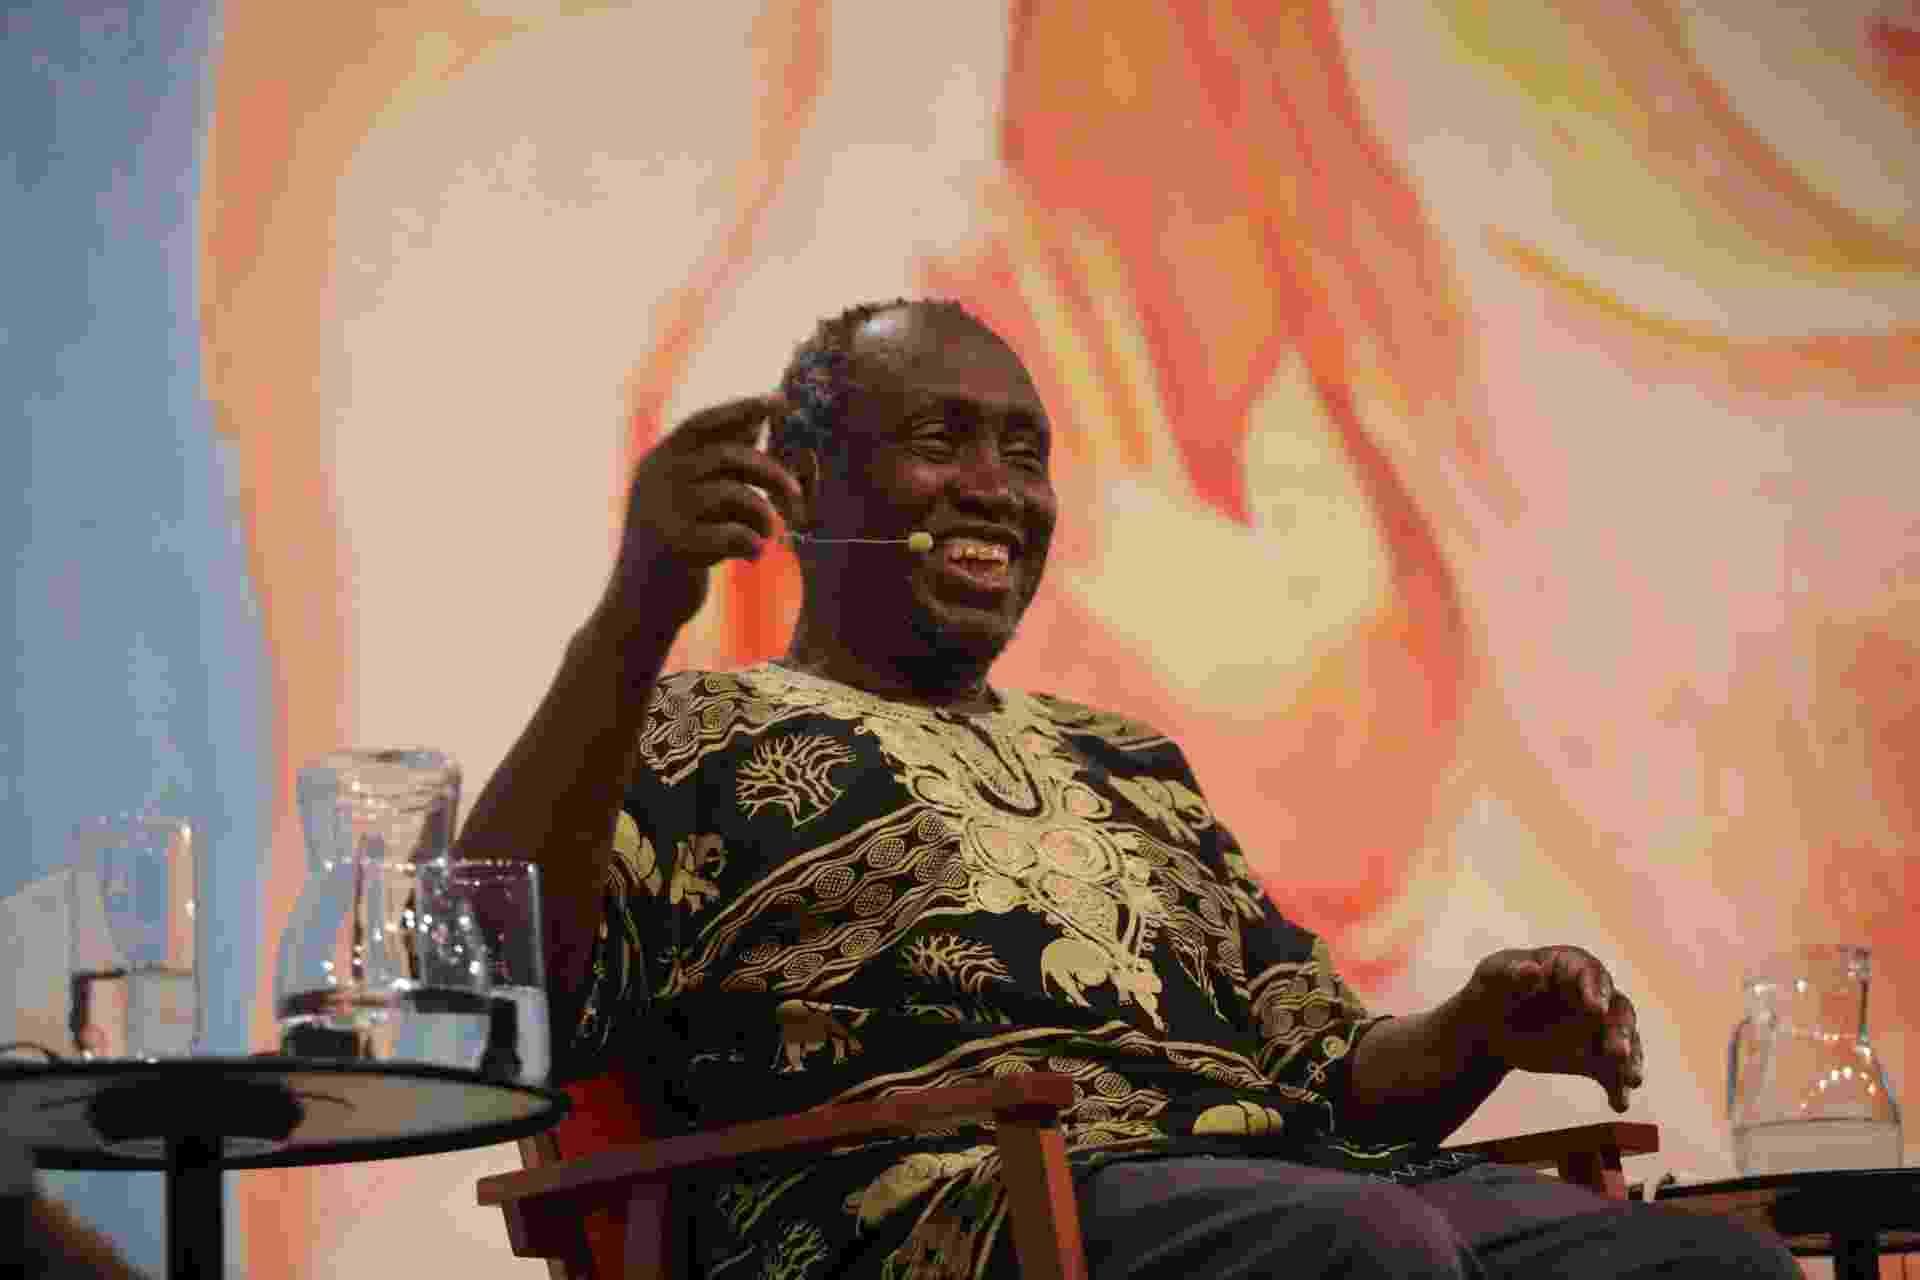 3.jul.2015 - Ngugi wa Thiong'o, escritor queniano e autor de obras em língua gikuyu, durante a Festa Literária Internacional de Paraty, FLIP 2015, na cidade de Paraty (RJ) - Luciana Serra/Futura Press/Folhapress